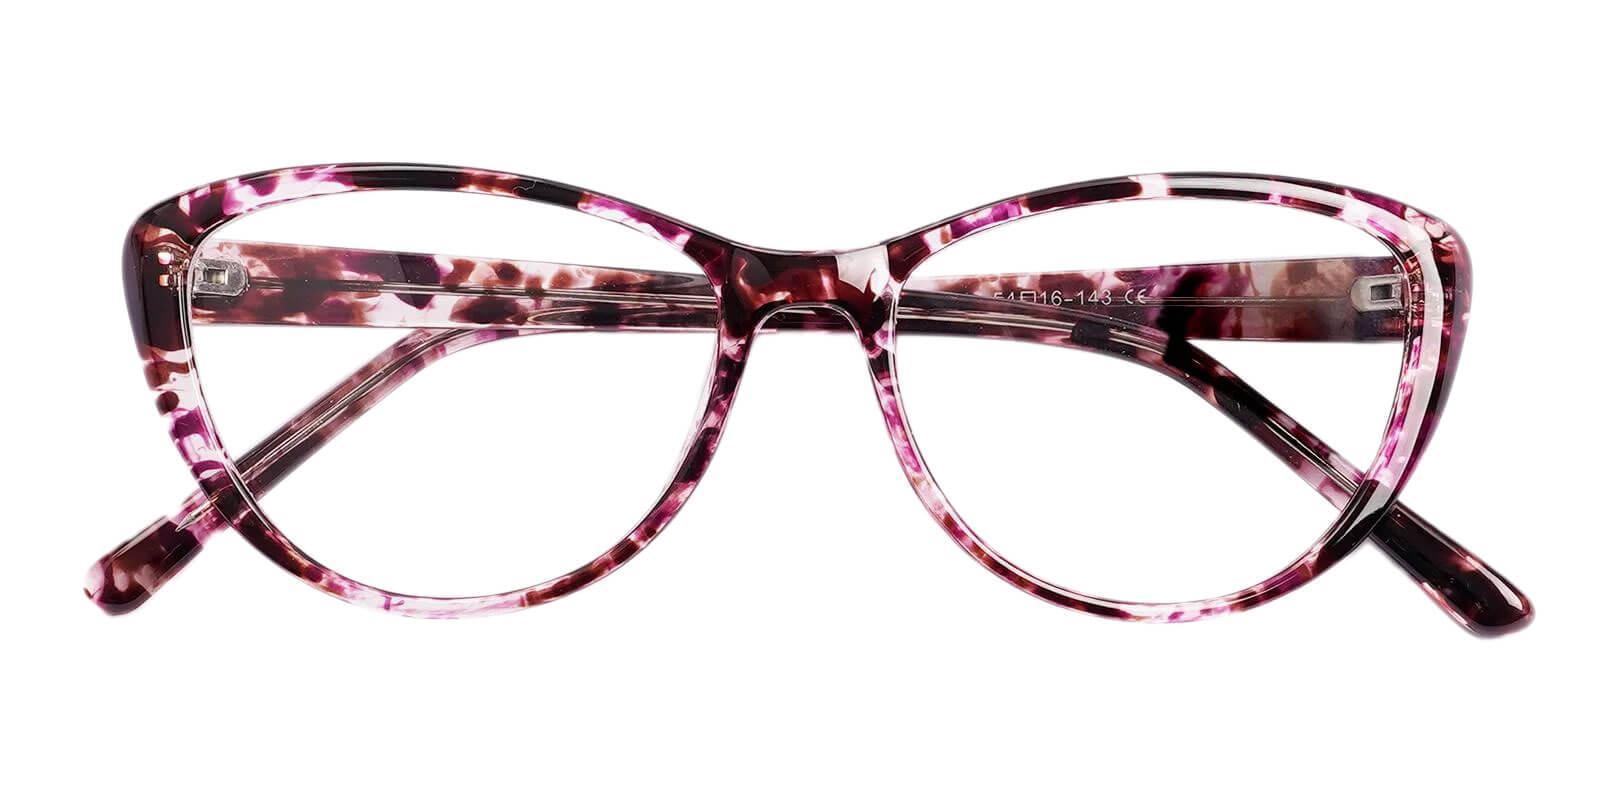 Slackey-Purple-Oval / Cat-Acetate-Eyeglasses-detail